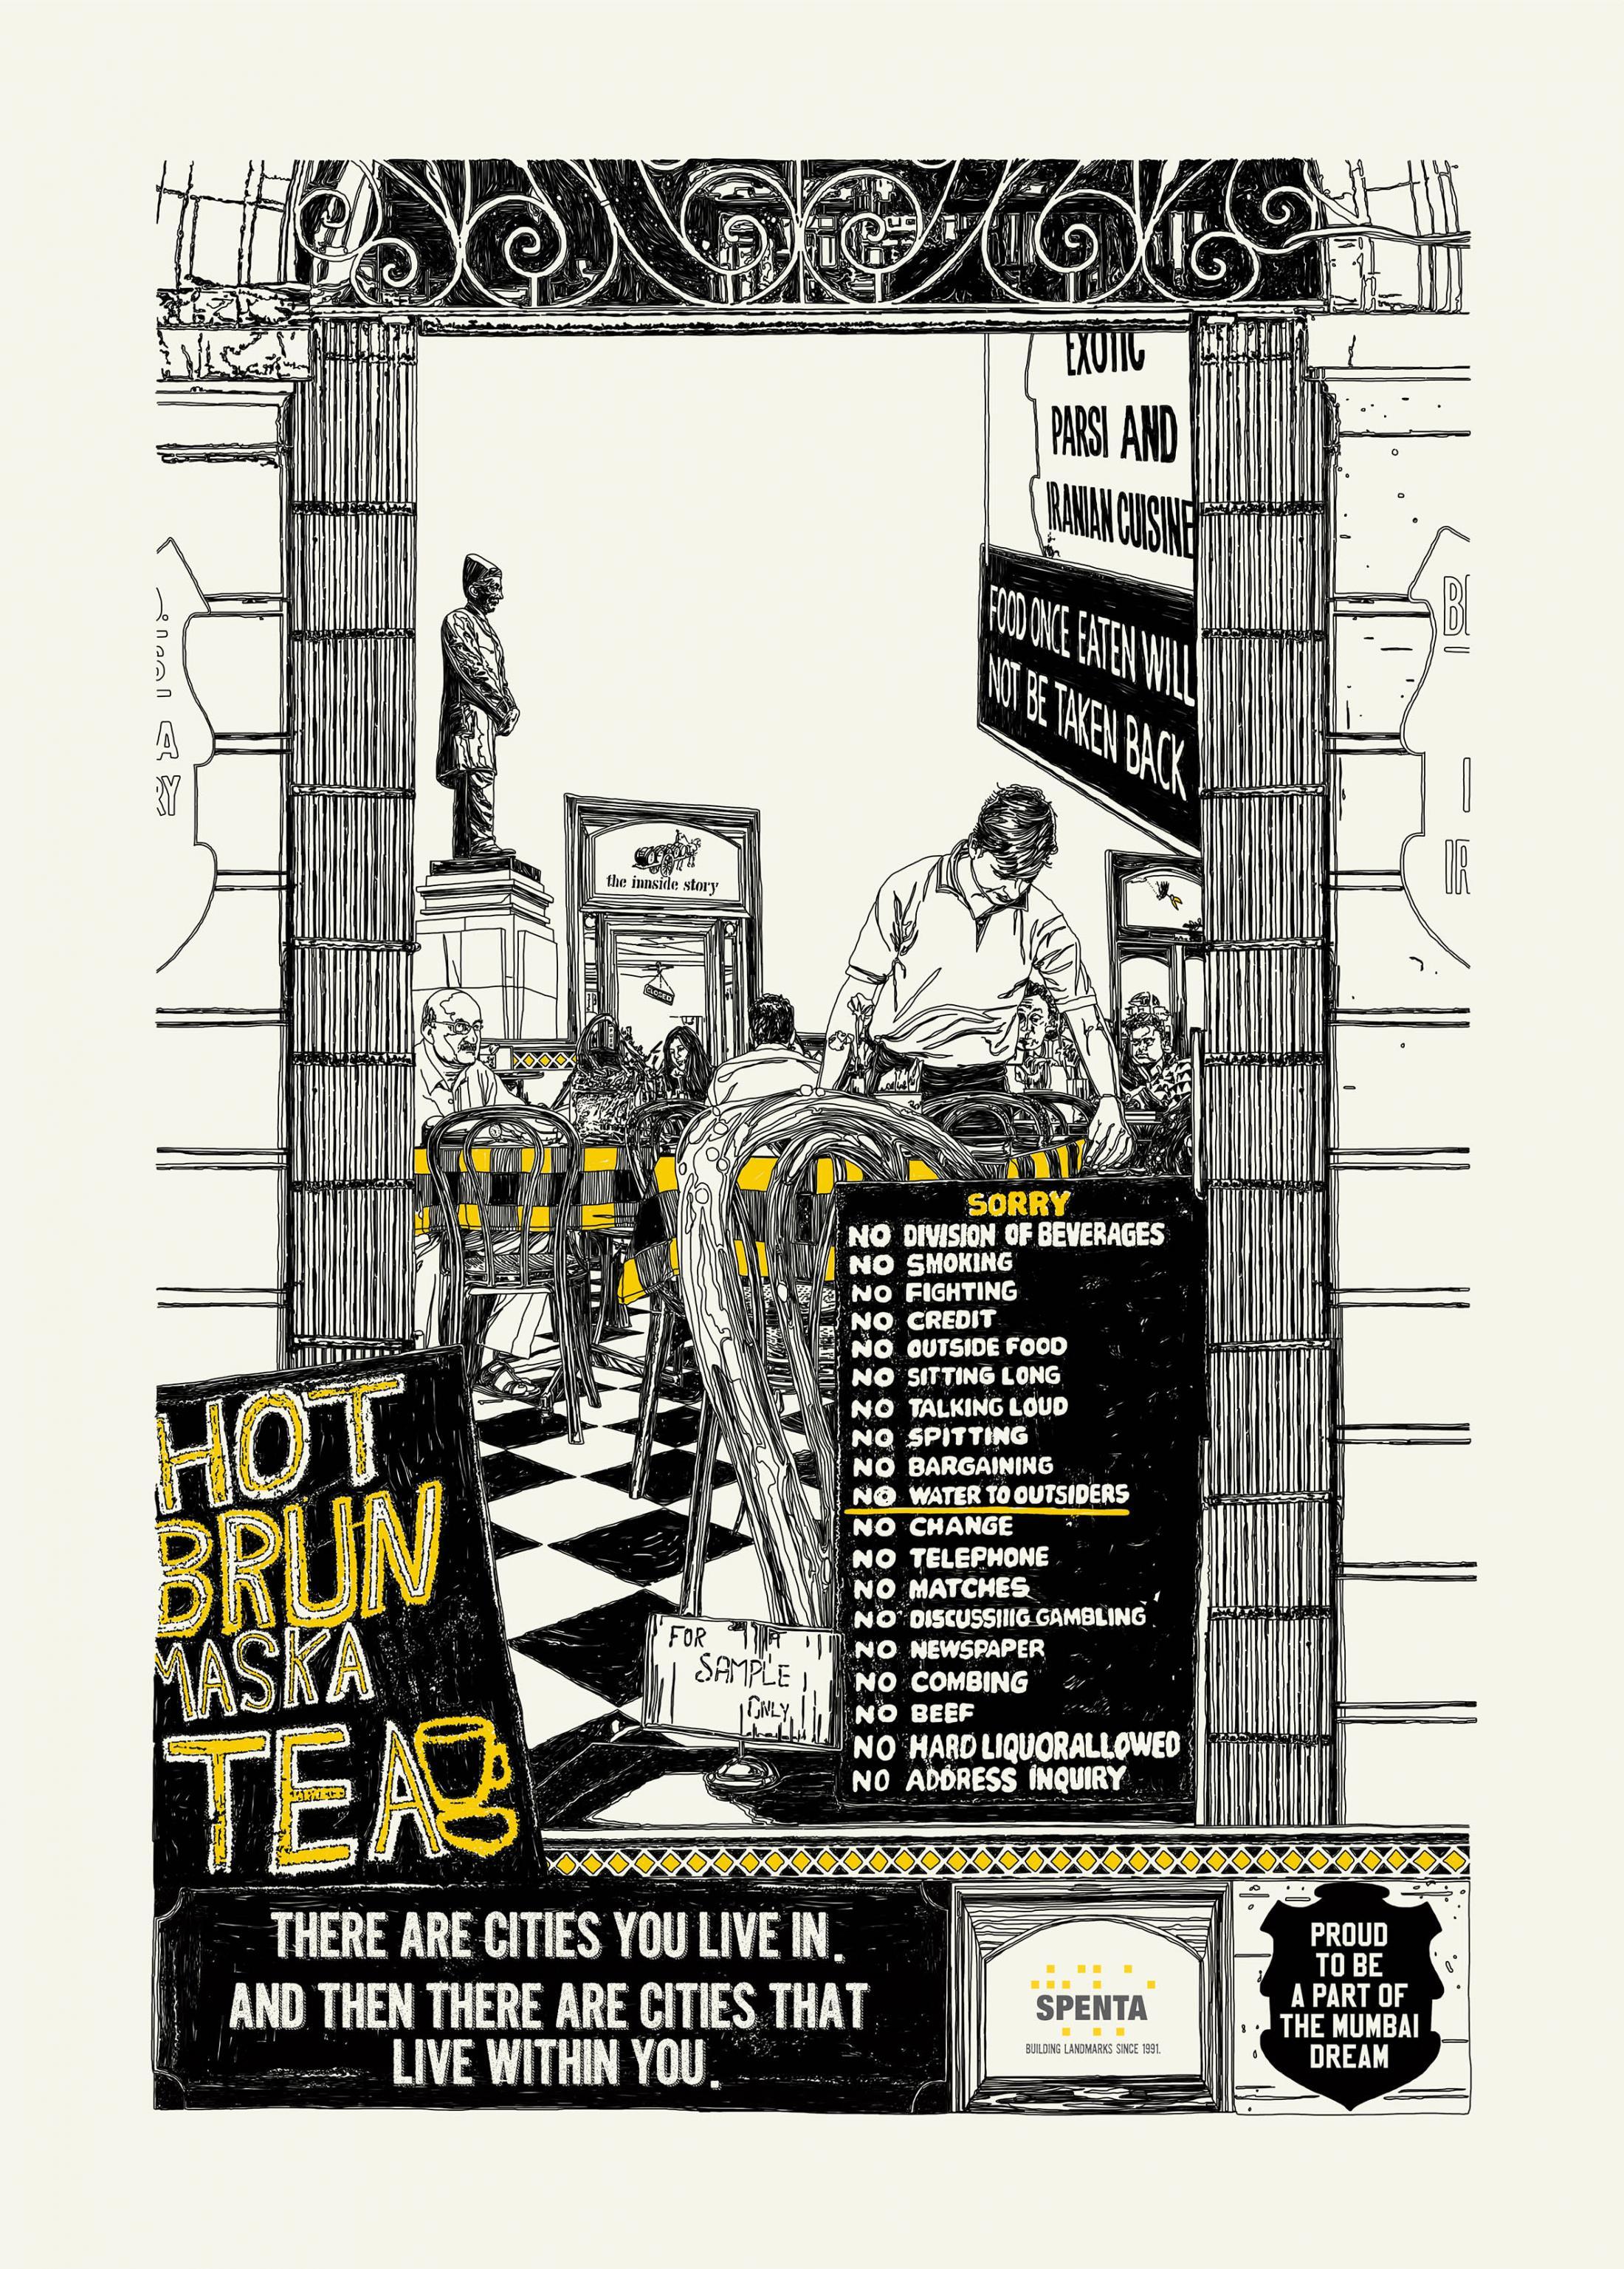 Spenta Print Ad - Mumbai dream, 4